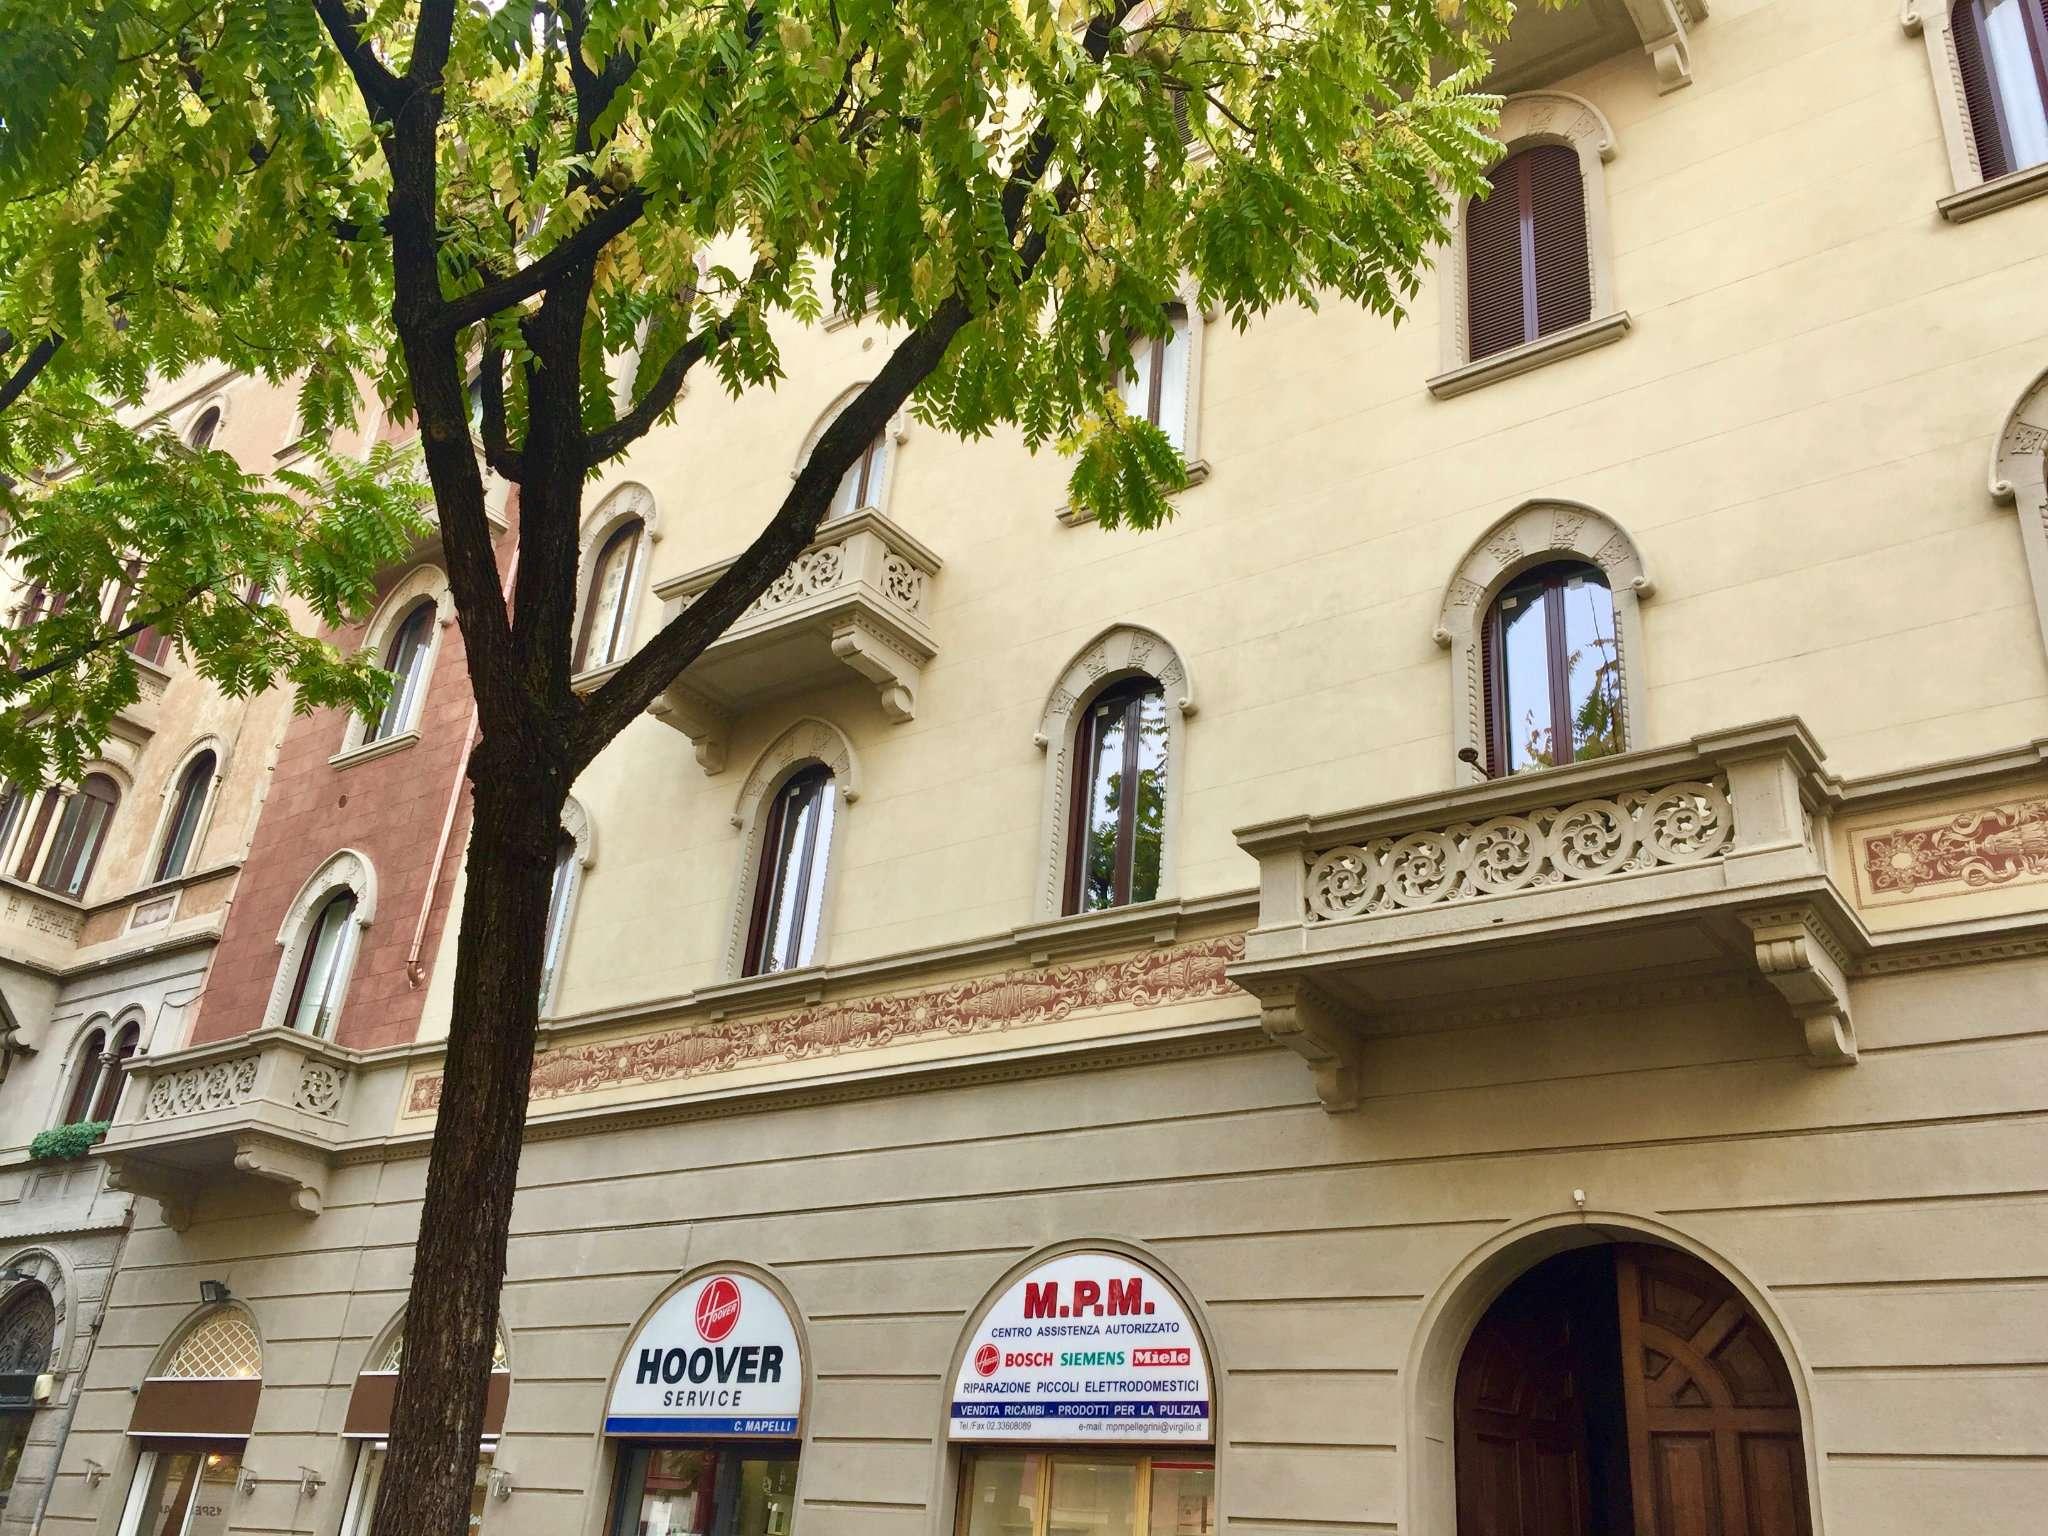 Appartamento in Affitto a Milano 17 Marghera / Wagner / Fiera:  2 locali, 52 mq  - Foto 1